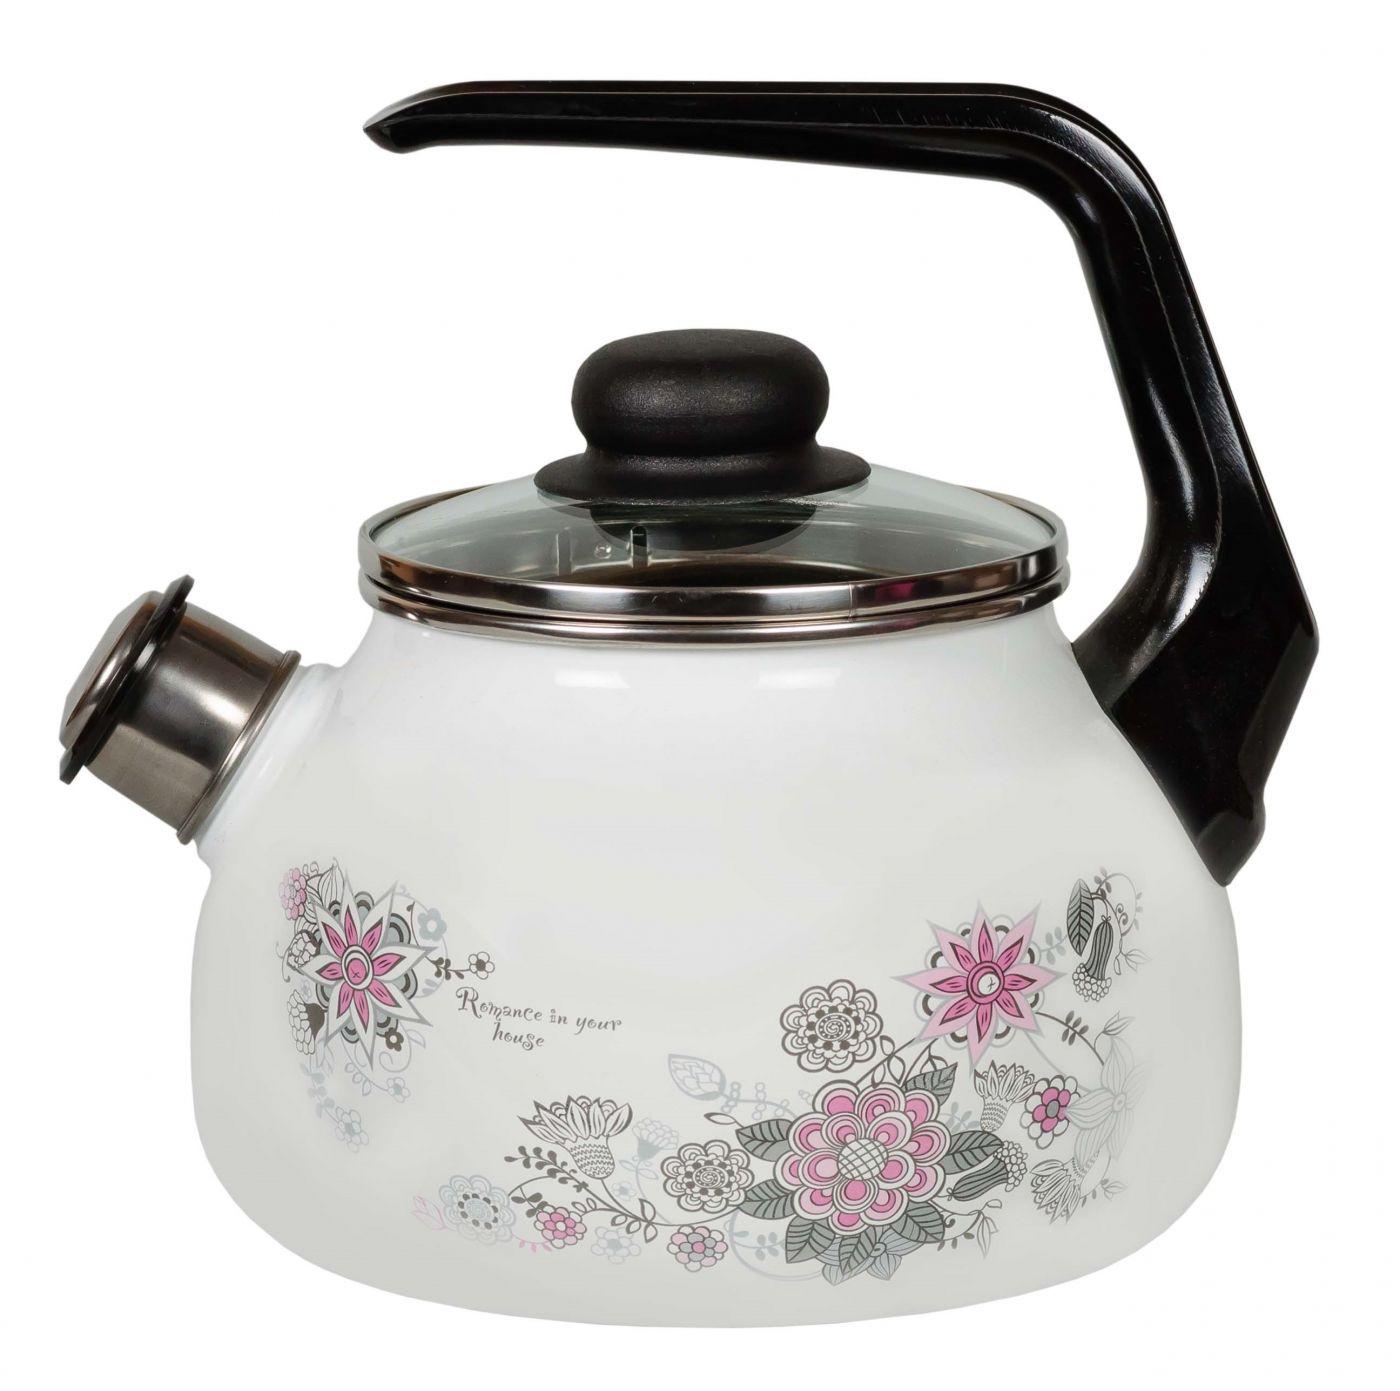 Чайник эмалированный 2 литра со свистком Весенний Романс белоснежный (4) Северсталь-Эмаль 4с210я